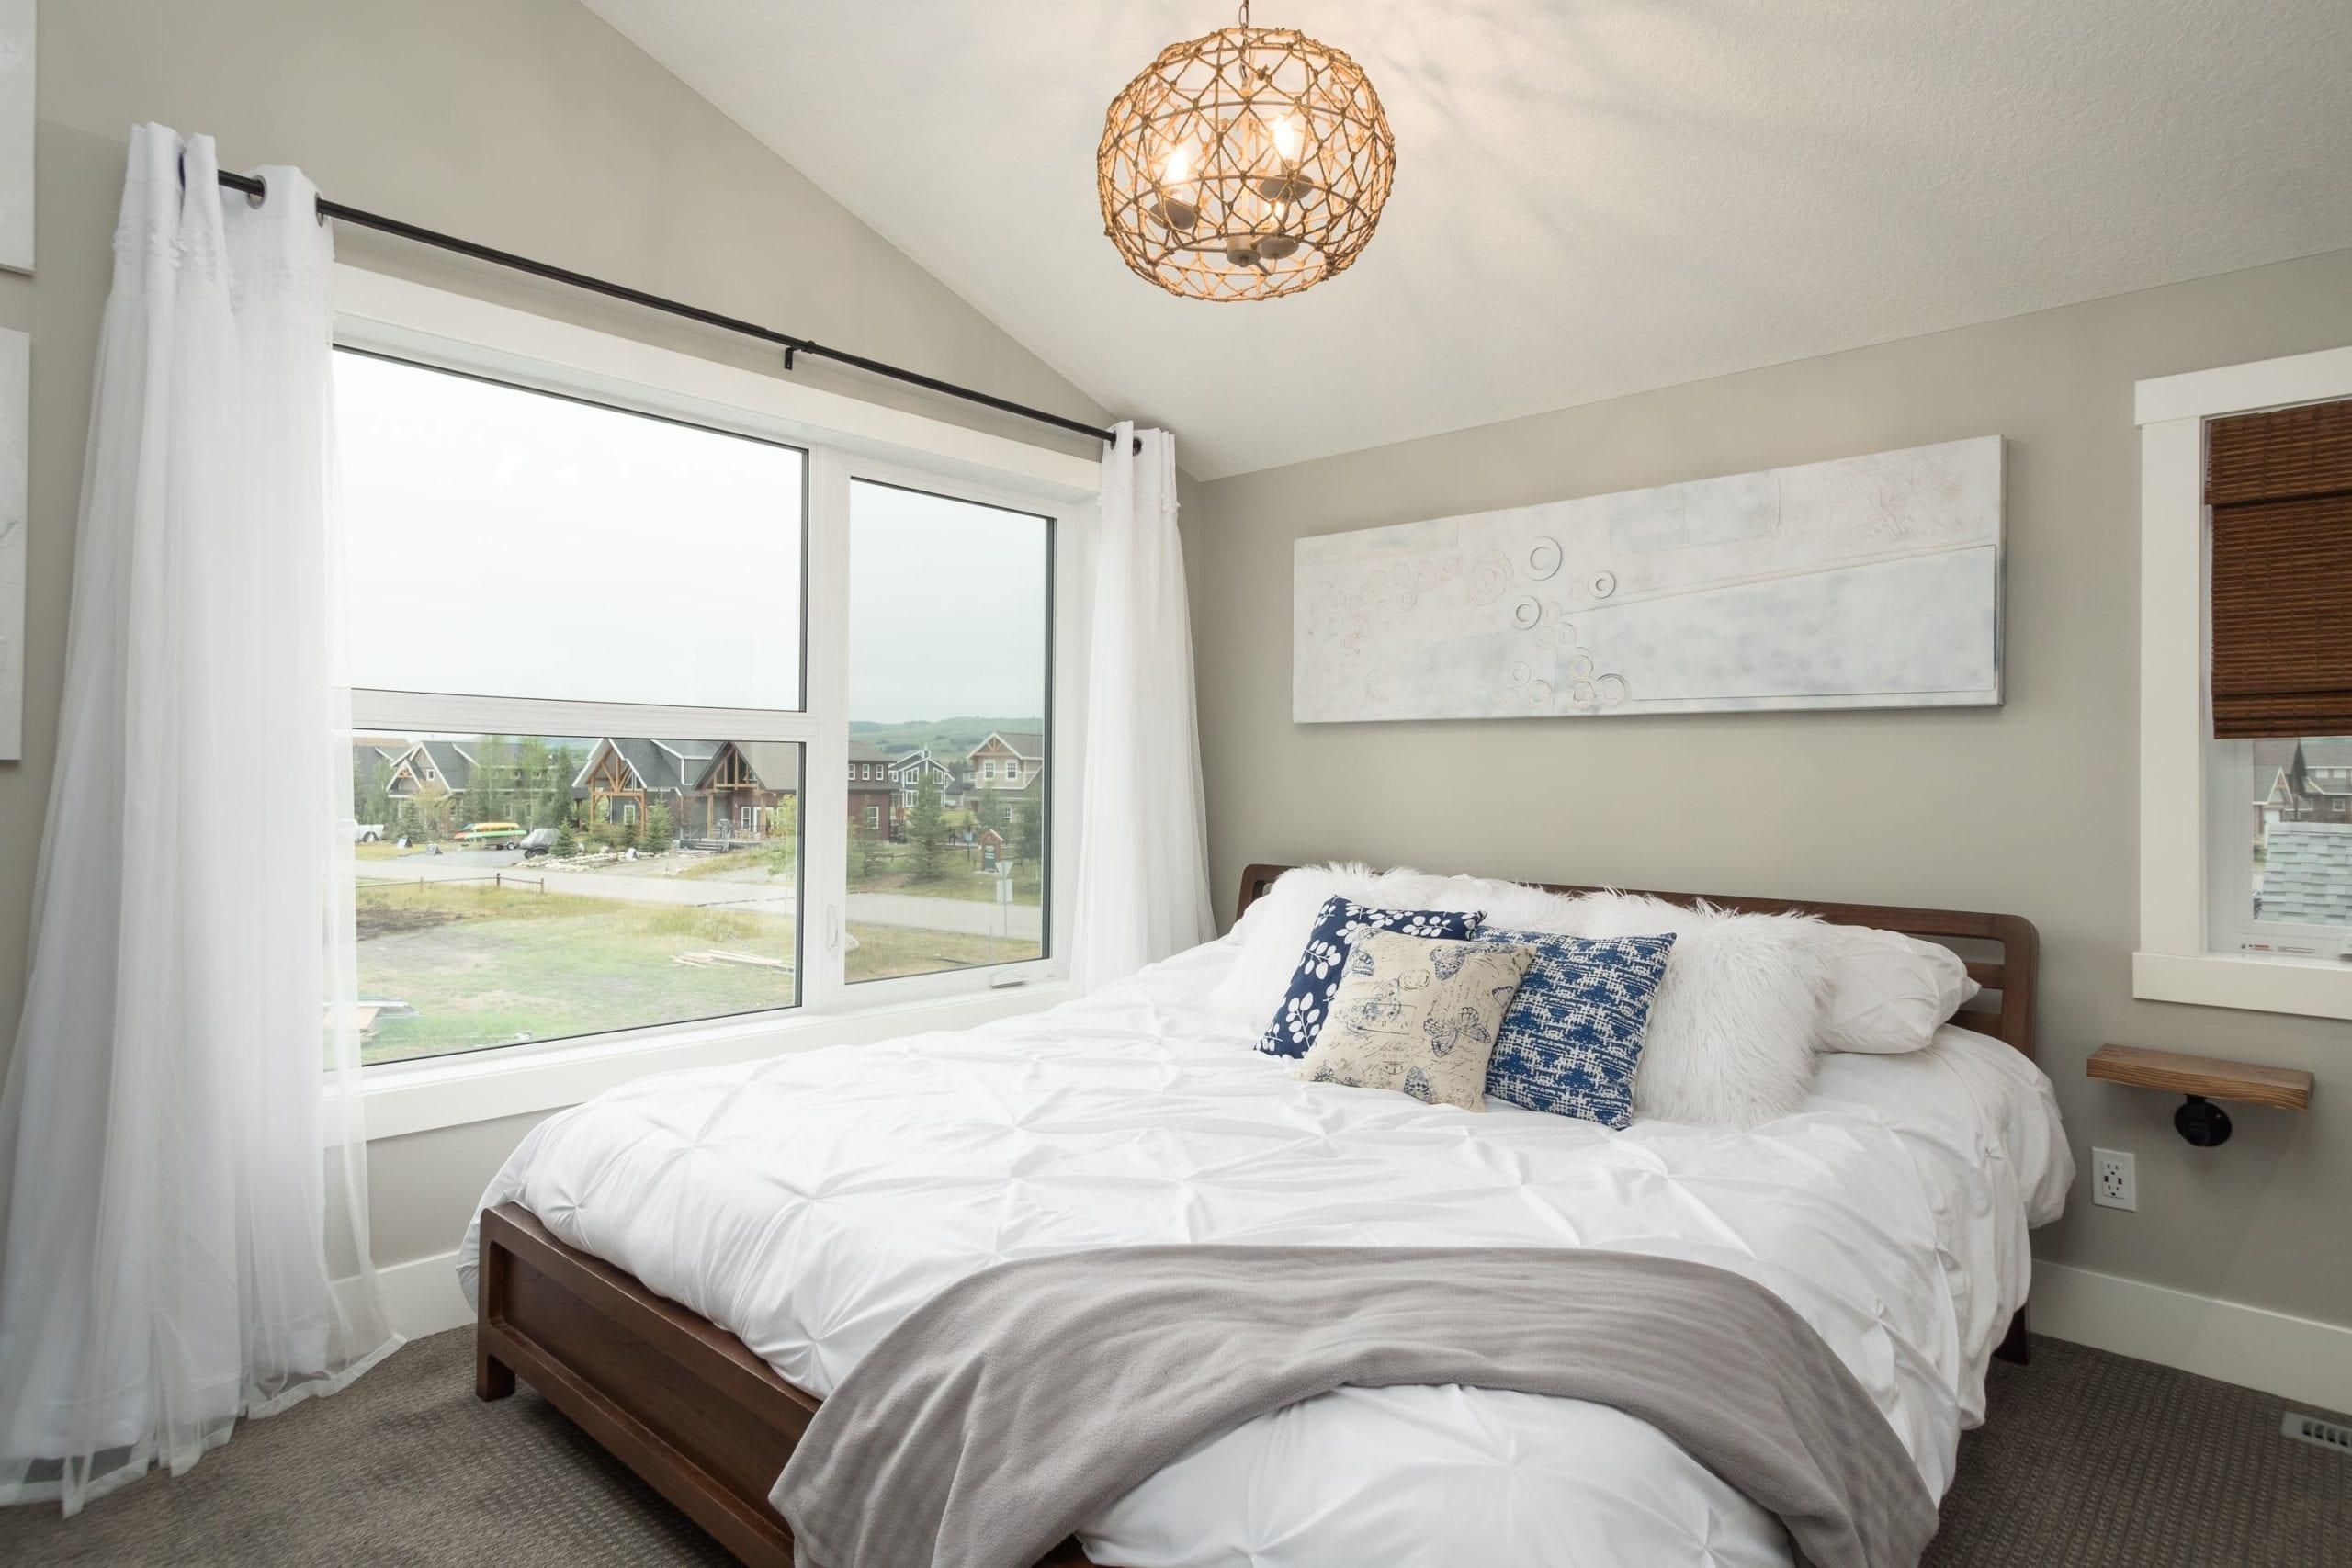 Hello Gorgeous - 302 Cottage Club Way - Tara Molina Real Estate (16 of 43)